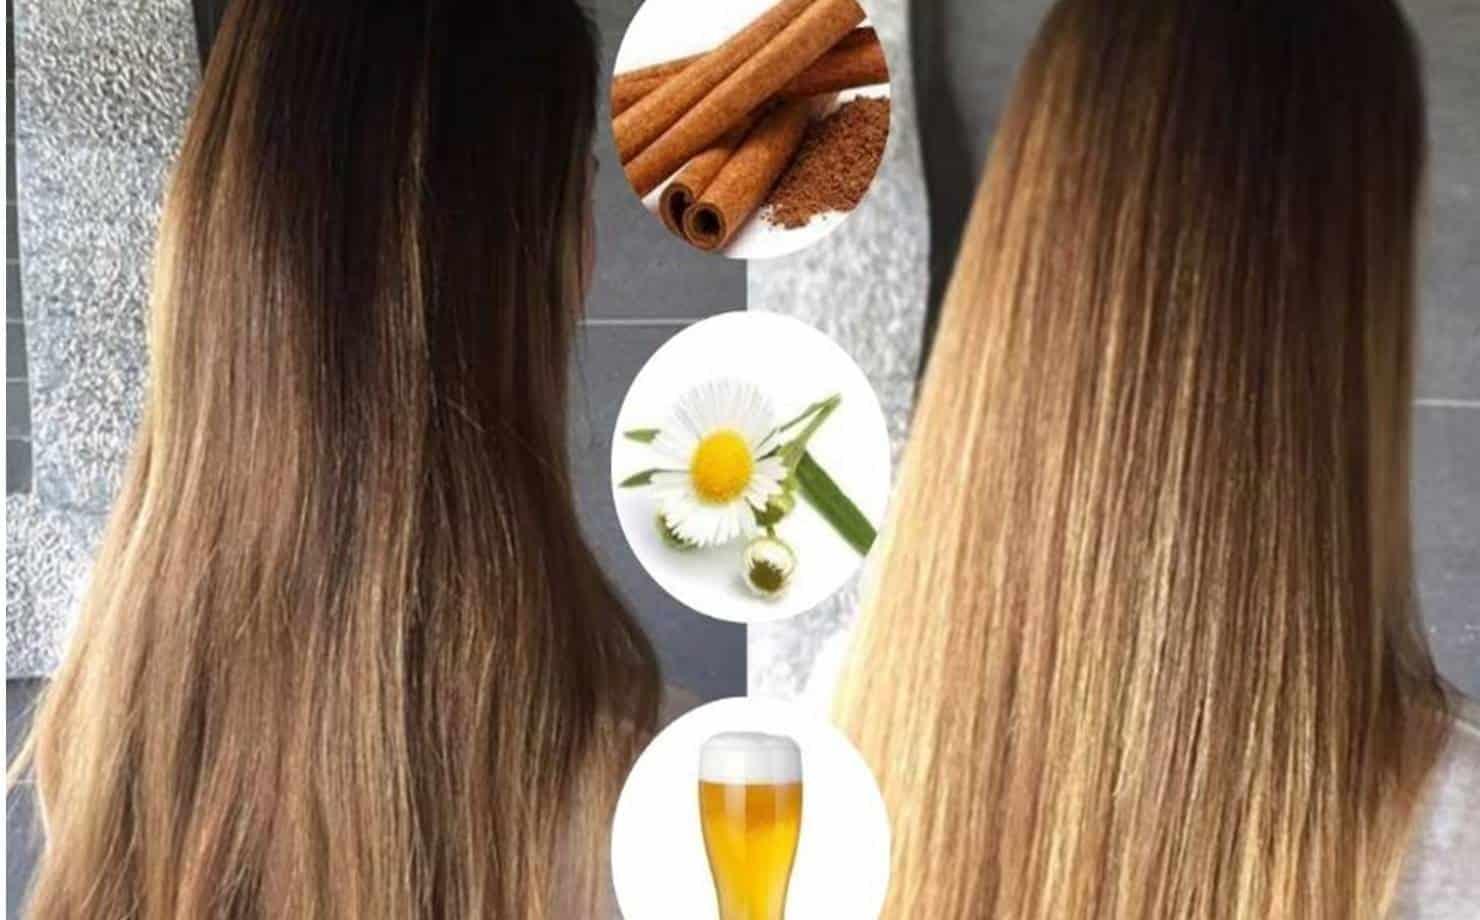 Adeus ao clareamento invasivo: clareie seu cabelo naturalmente em casa